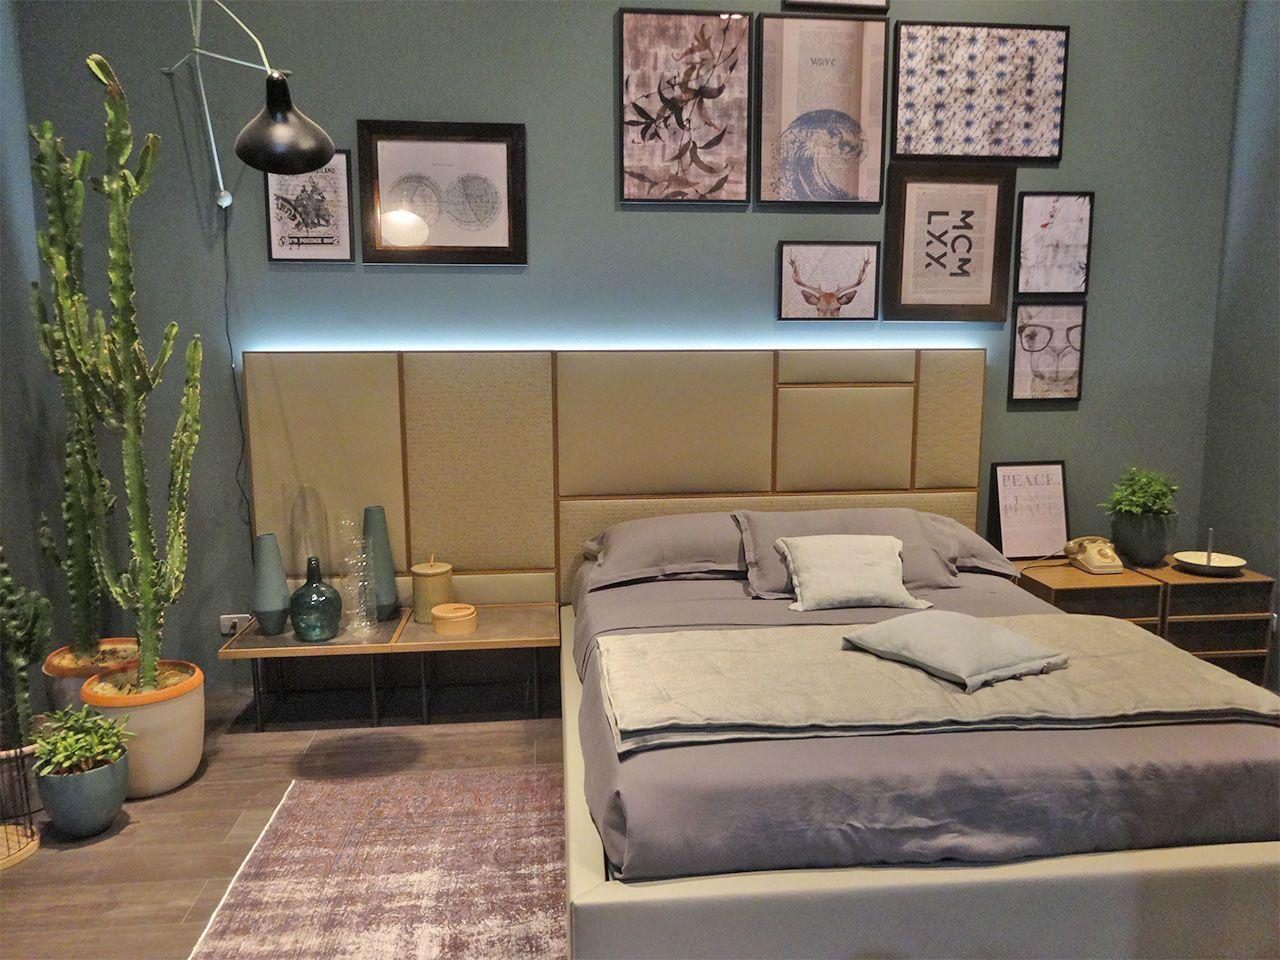 Tendencias Decoraci N 2017 2018 Feria Del Mueble De Mil N Feria  # Muebles Faciles Liniers